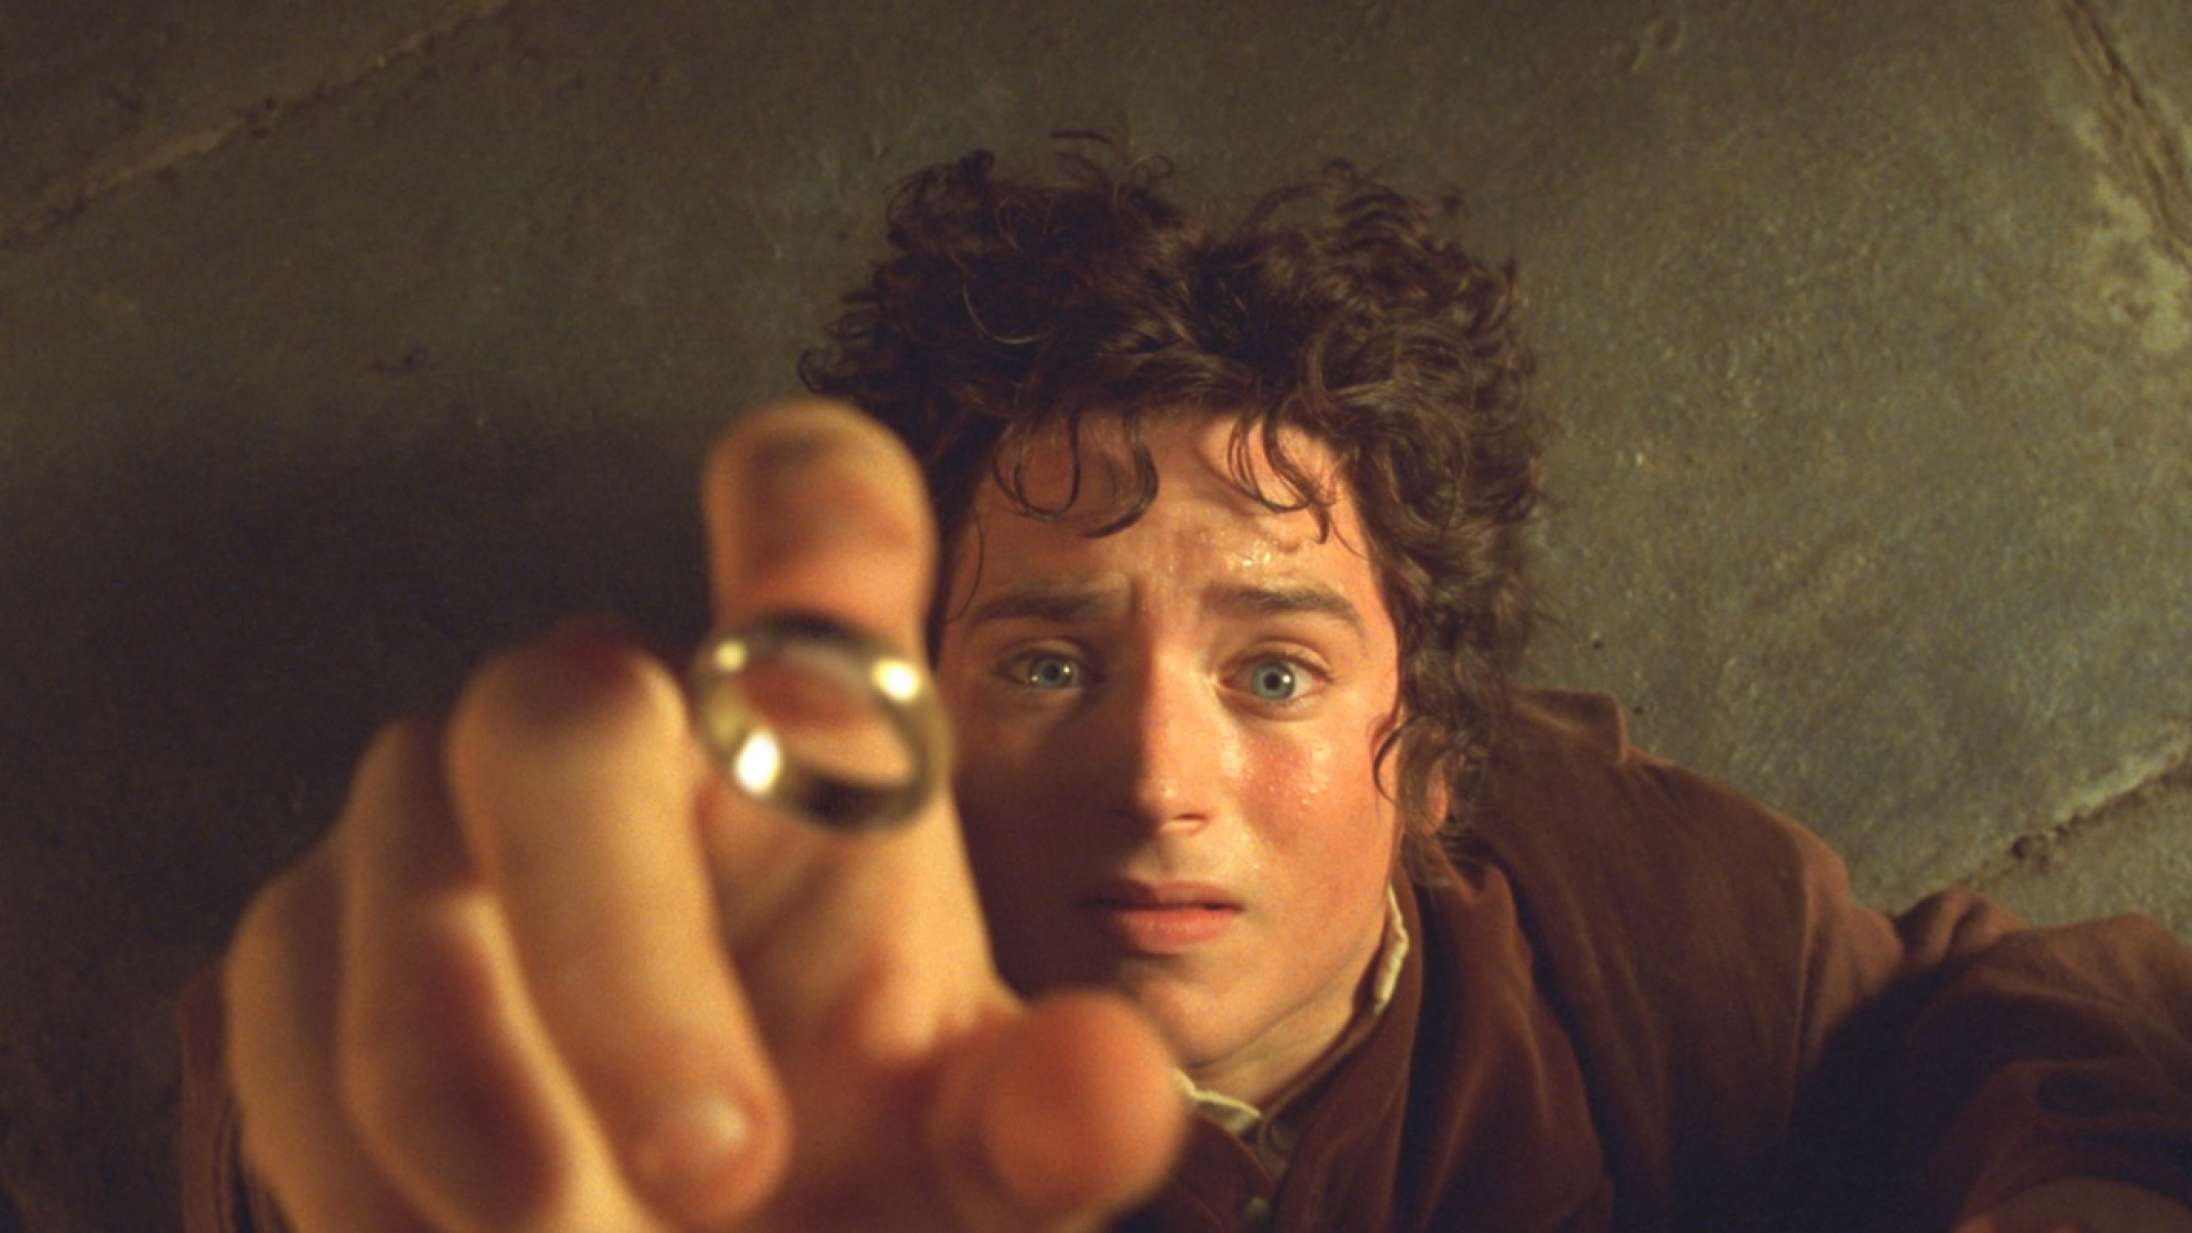 'Ringenes herre'-trilogien vender tilbage til de danske biografer